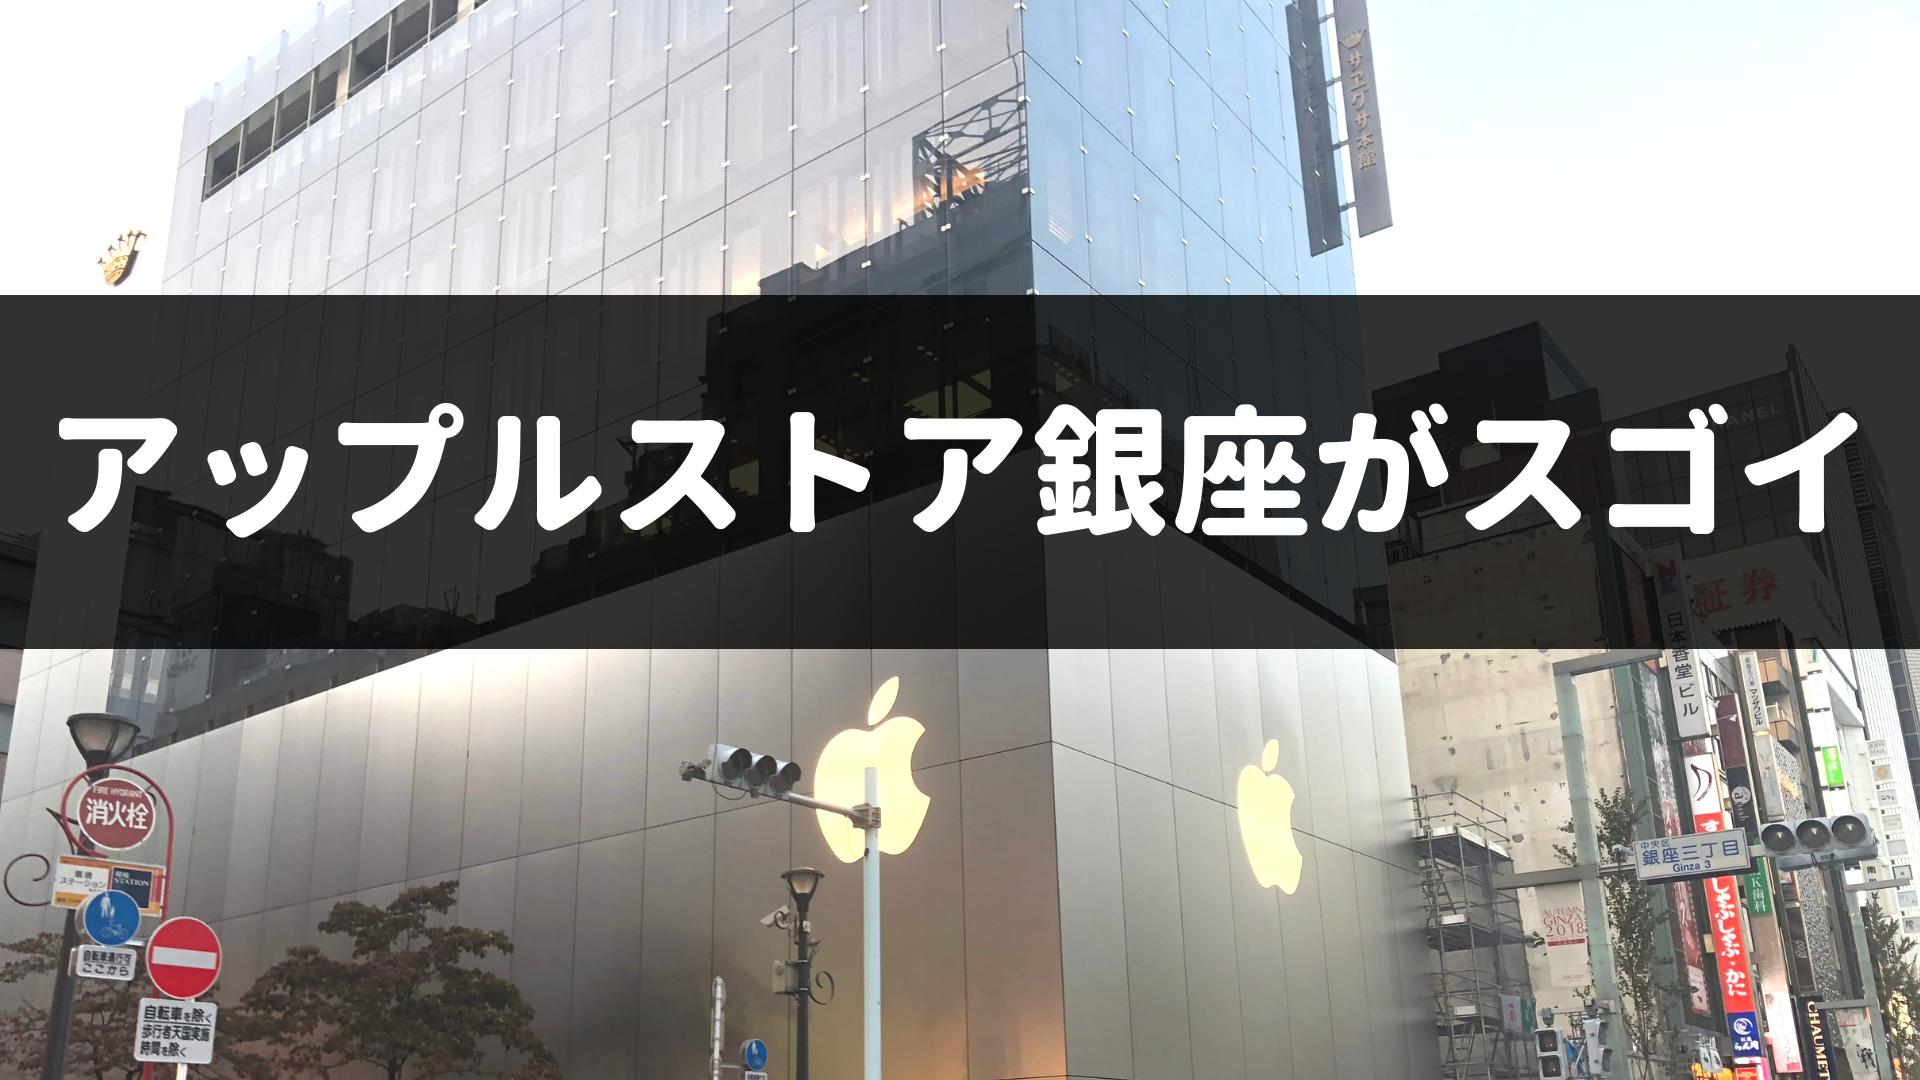 Apple store【銀座】絶対迷わない!有楽町駅からのアクセス徹底 ...